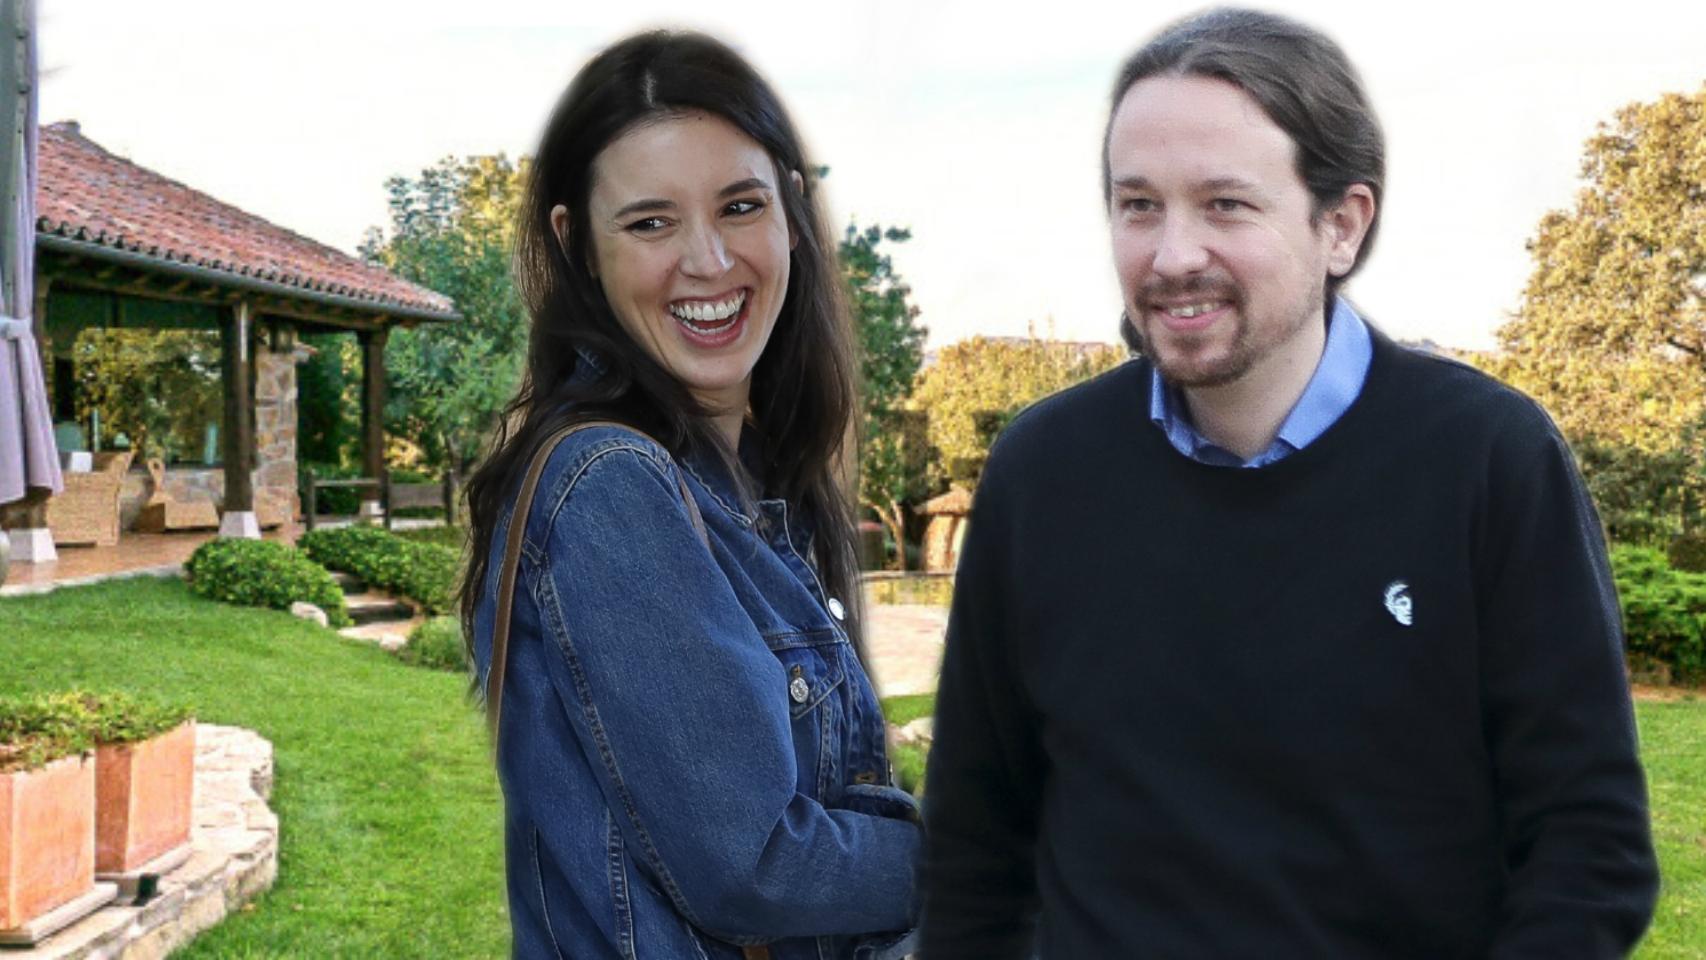 Pablo Iglesias no tiene un pase y Podemos comienza a apestar a chanchullo y trampa